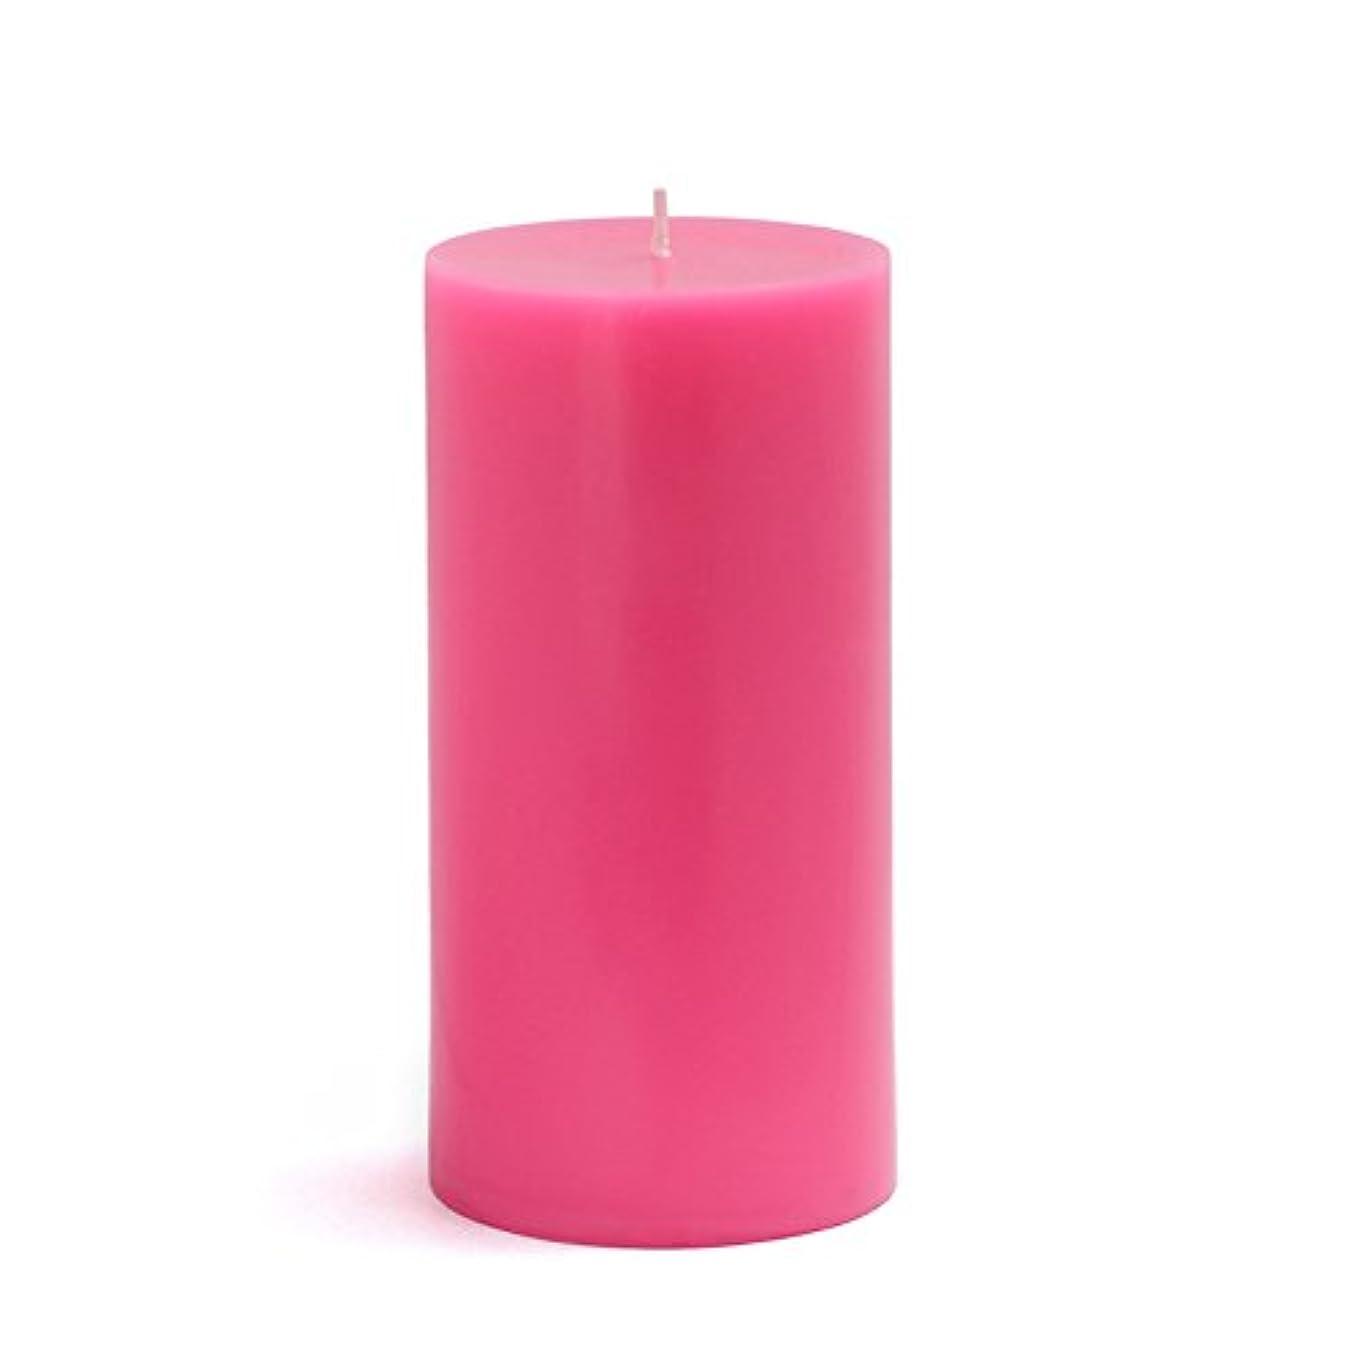 ハウジング生命体介入するZest Candle CPZ-084-12 3 x 6 in. Hot Pink Pillar Candles-12pcs-Case - Bulk